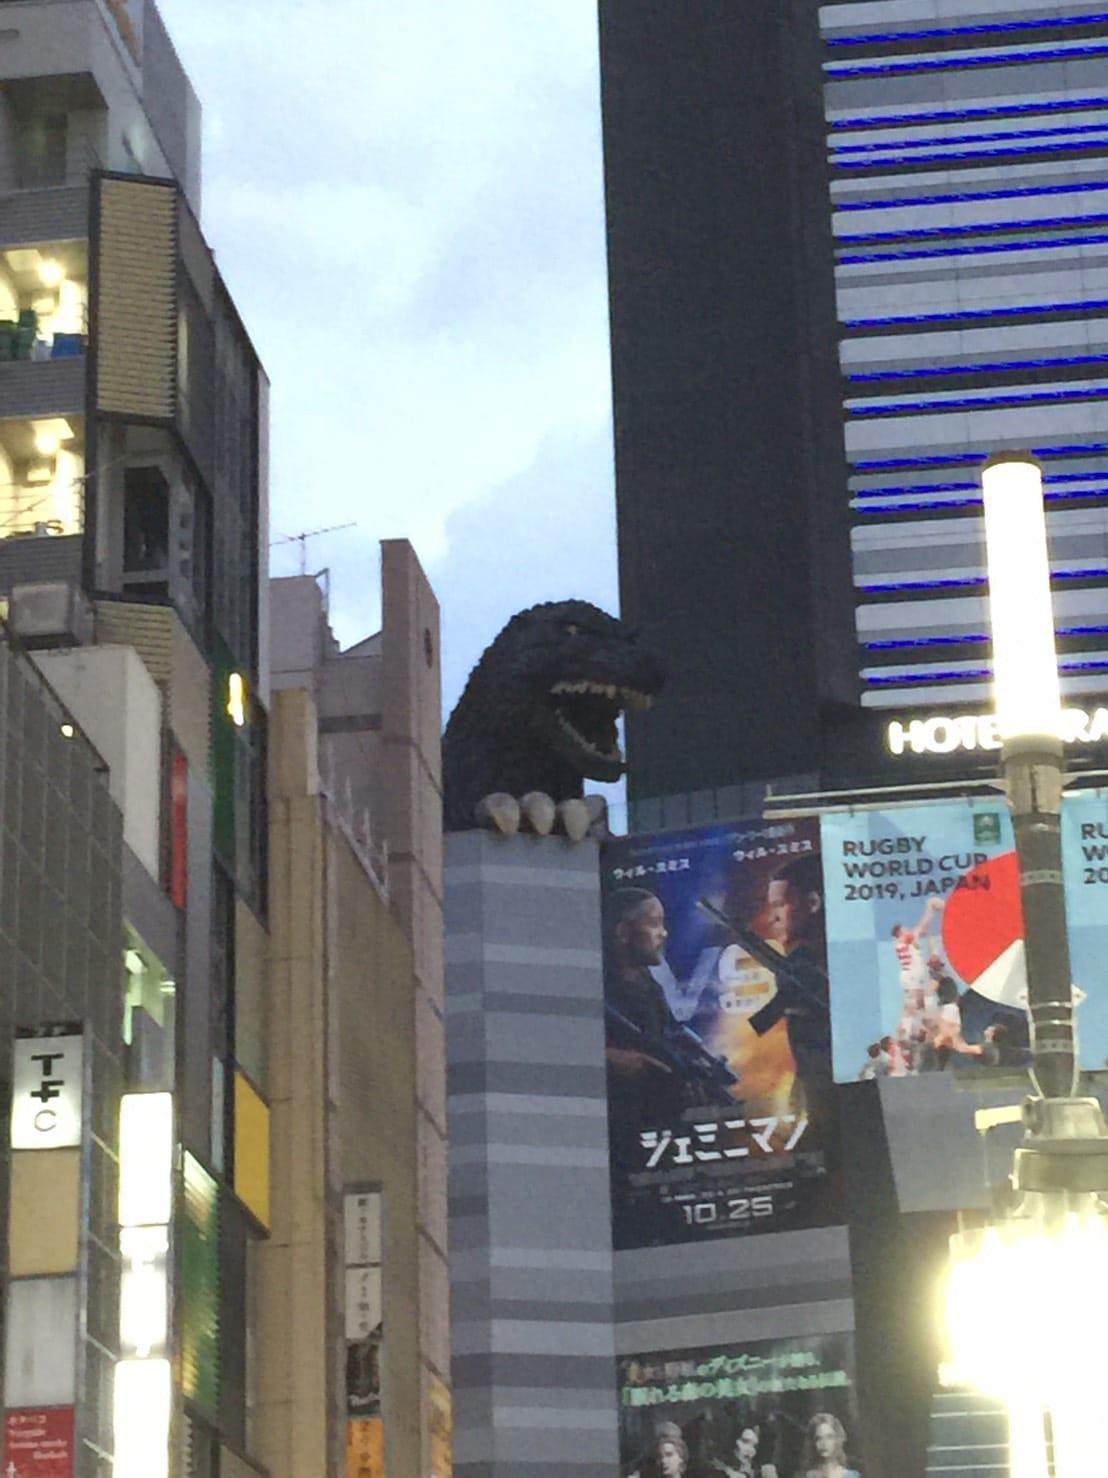 ここが新宿歌舞伎町! ビデオdeはんど新宿校の求人ブログ